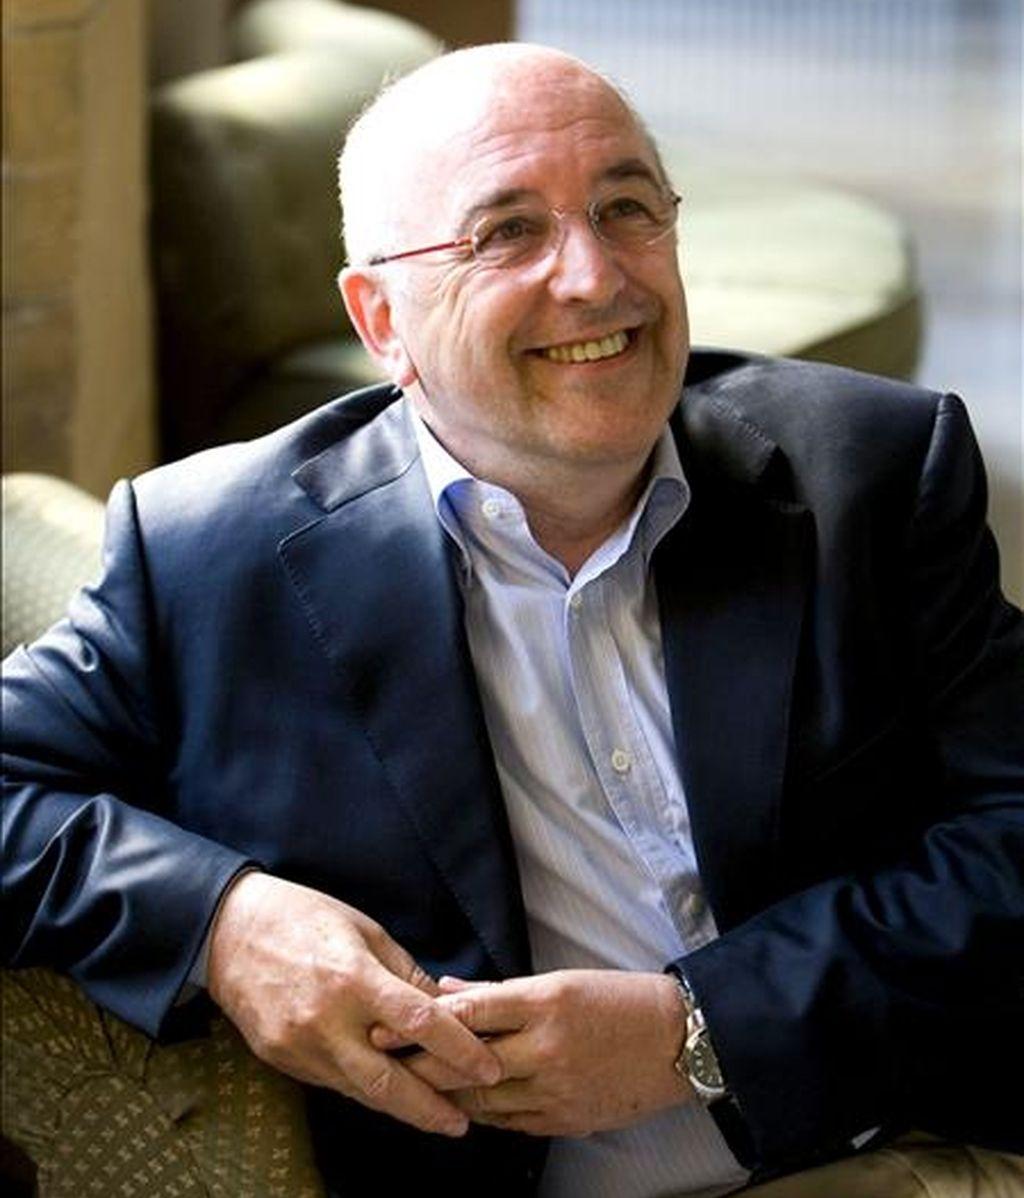 El vicepresidente de la Comisión Europea, Joaquín Almunia. EFE/Archivo